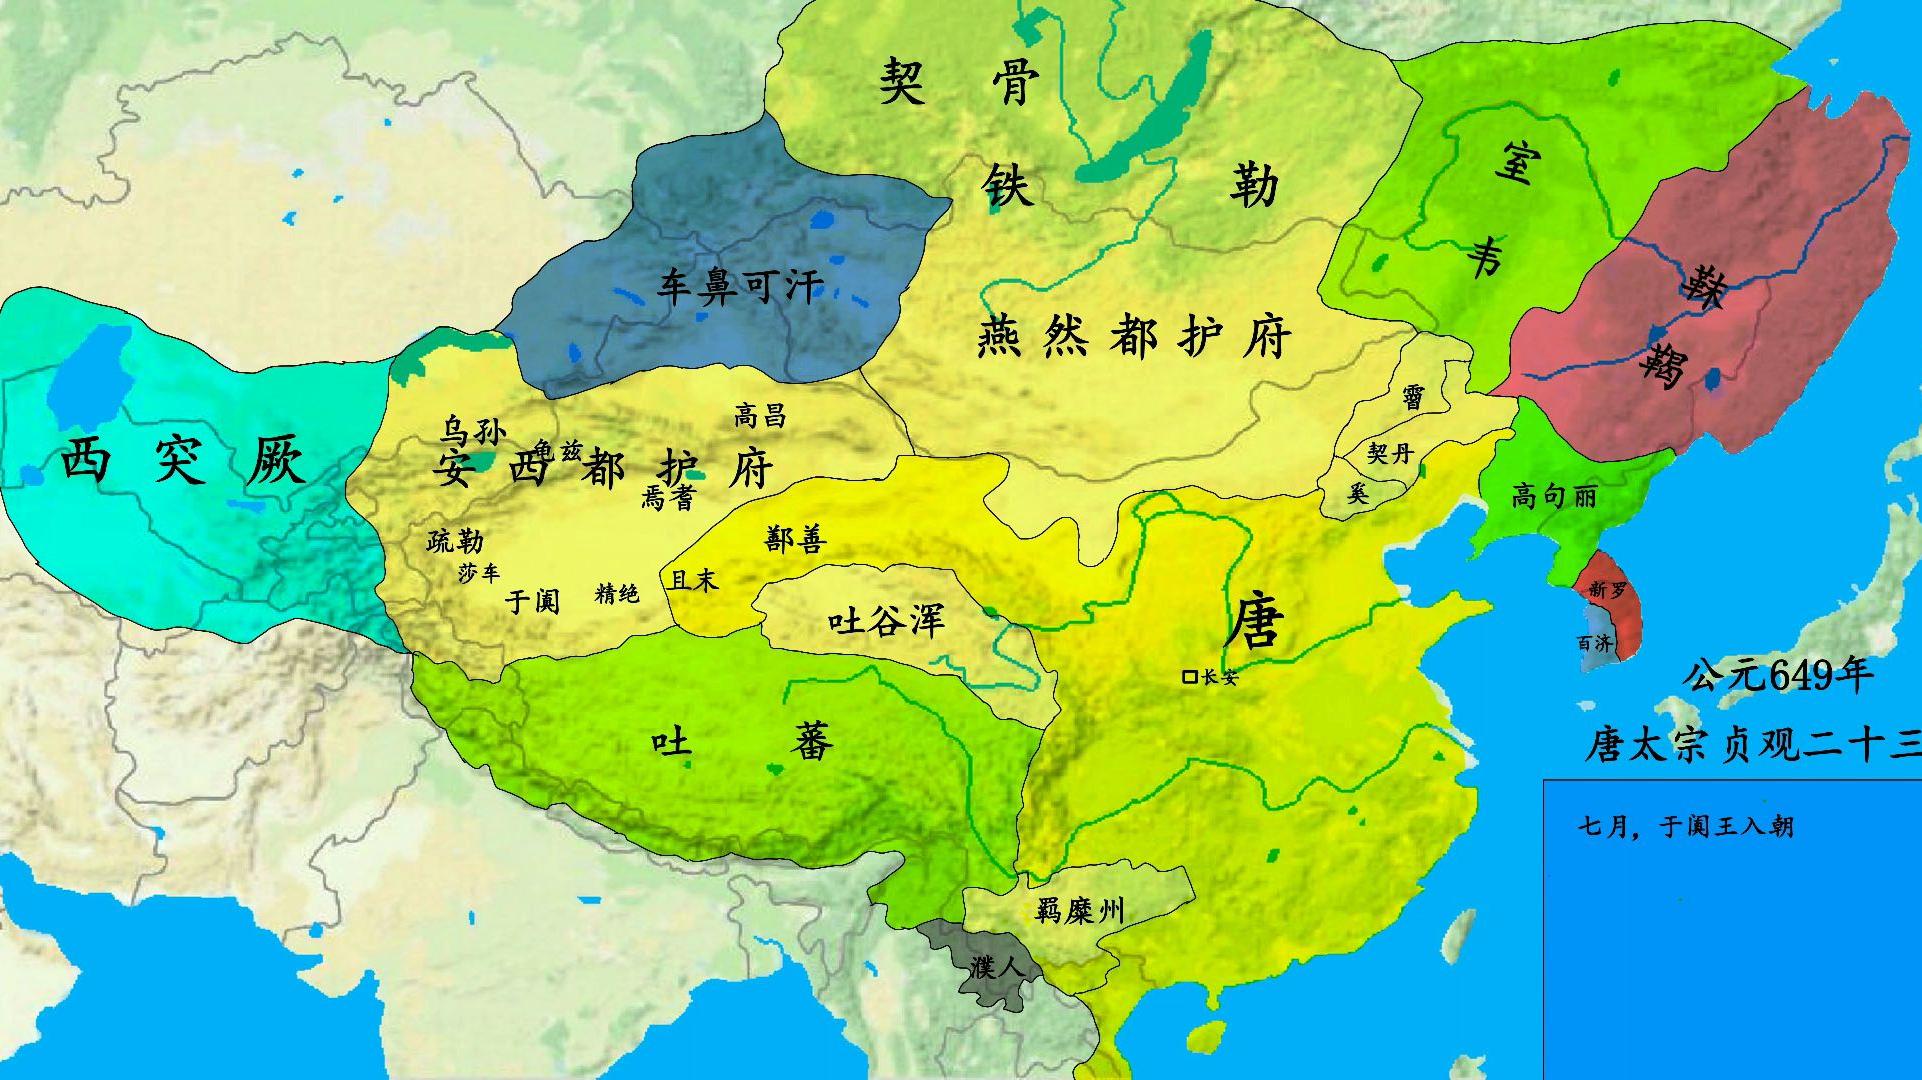 【历史地图】大唐百年(1)贞观之治